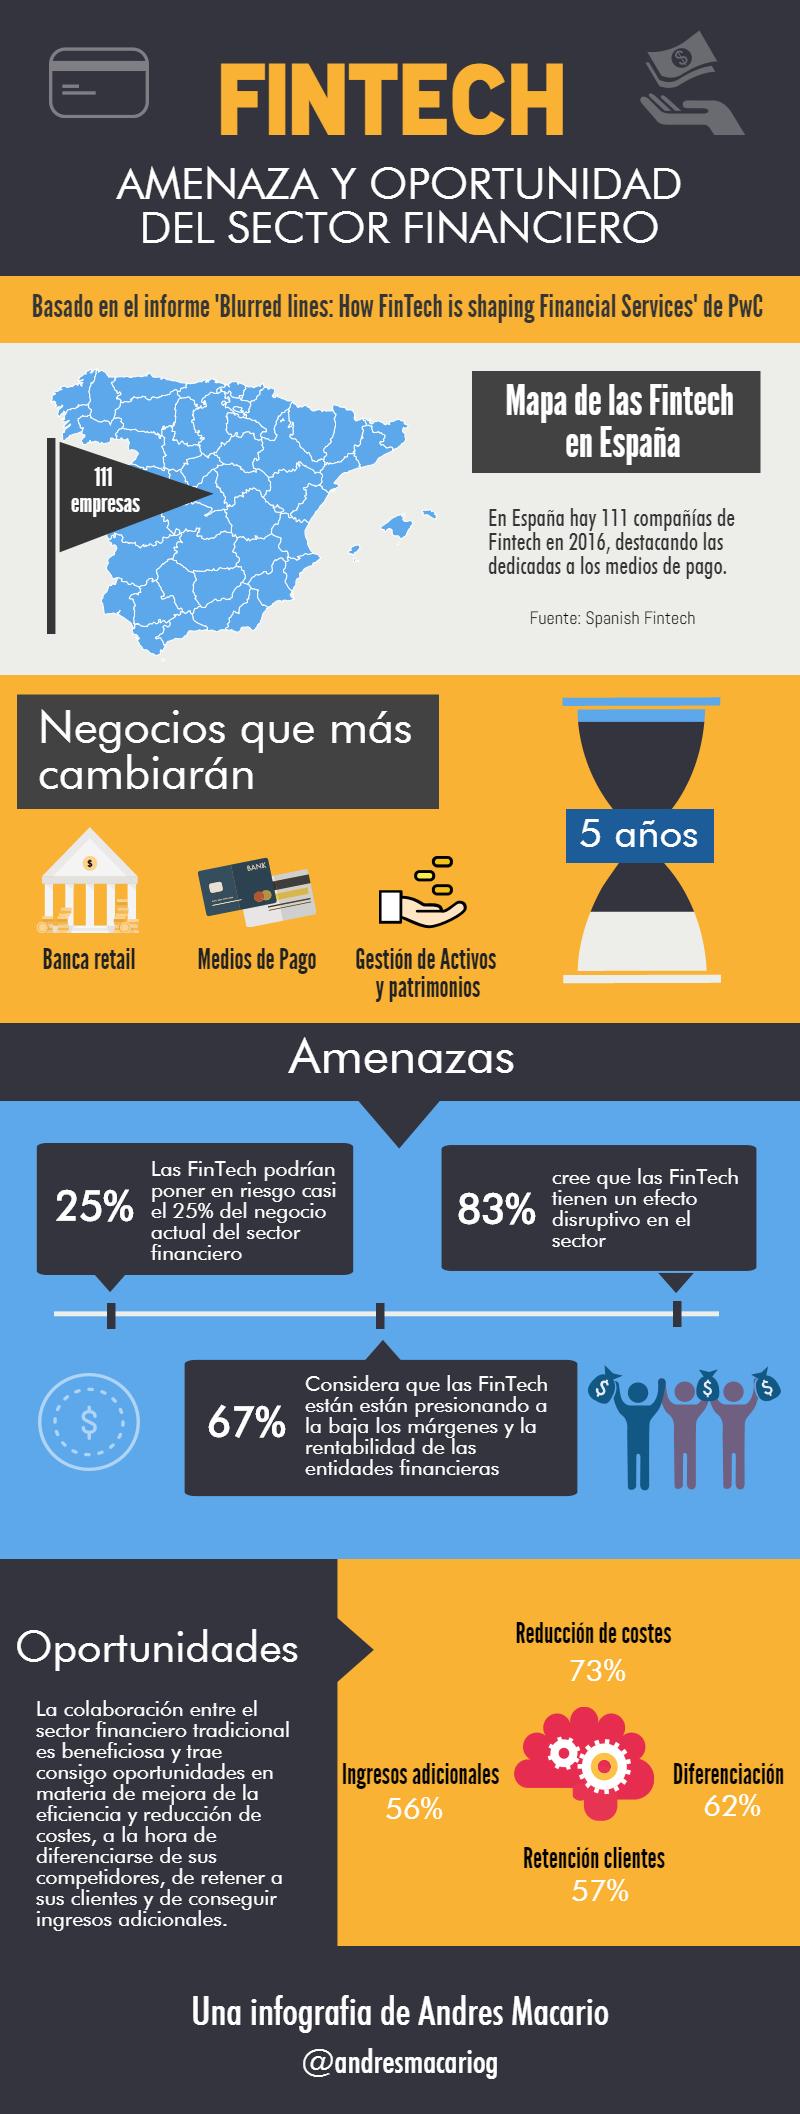 Fintech amenaza y oportunidad sector financiero Infografia Andres Macario